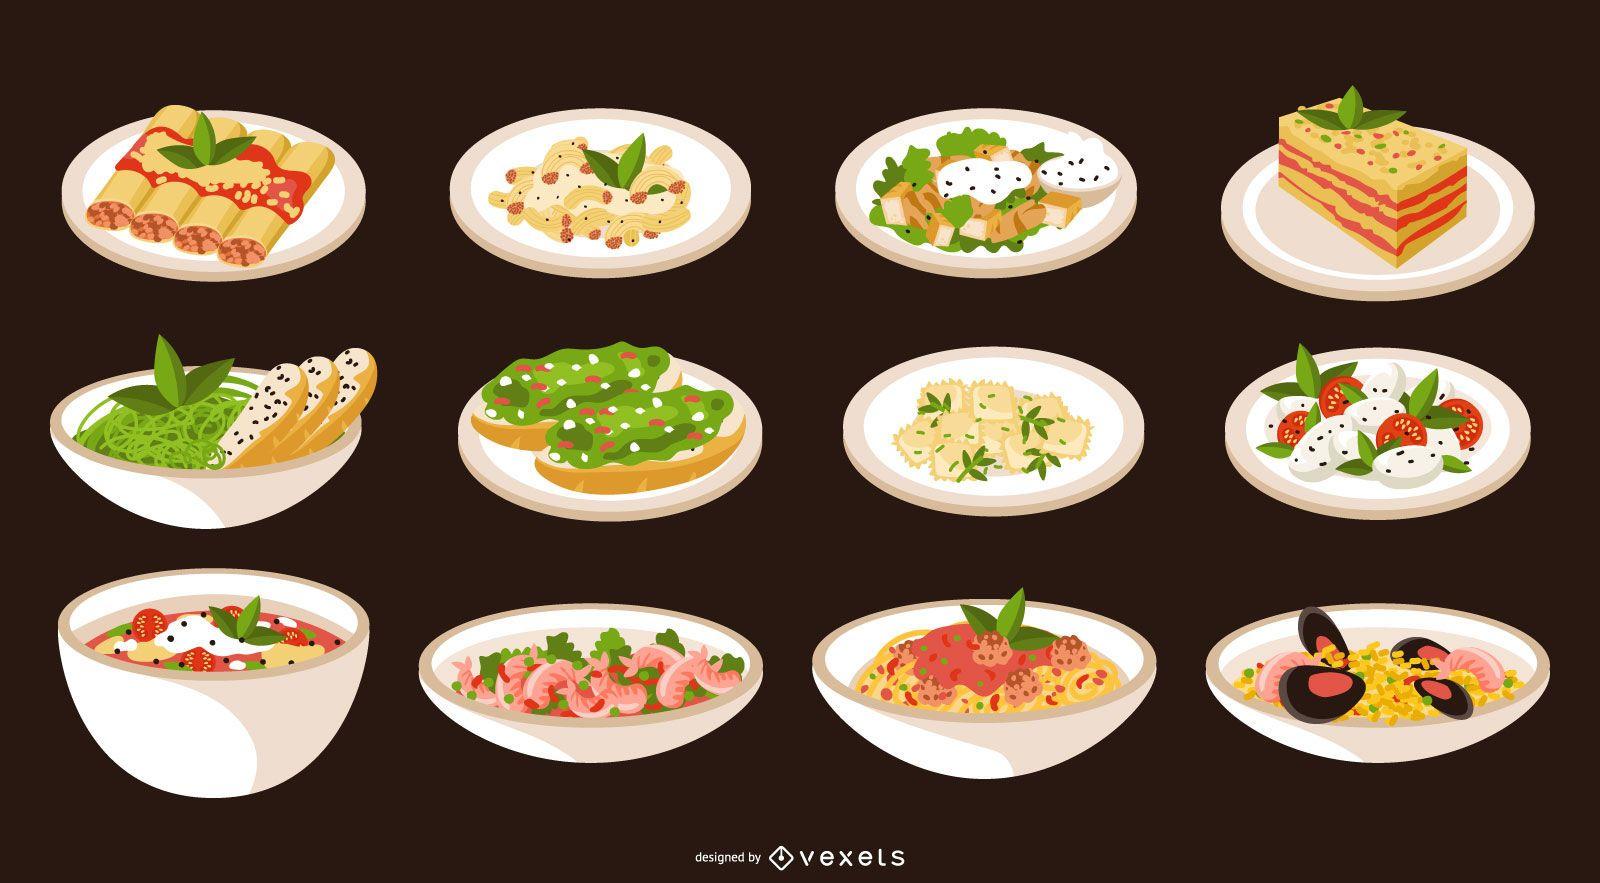 Coleção de pratos de comida italiana